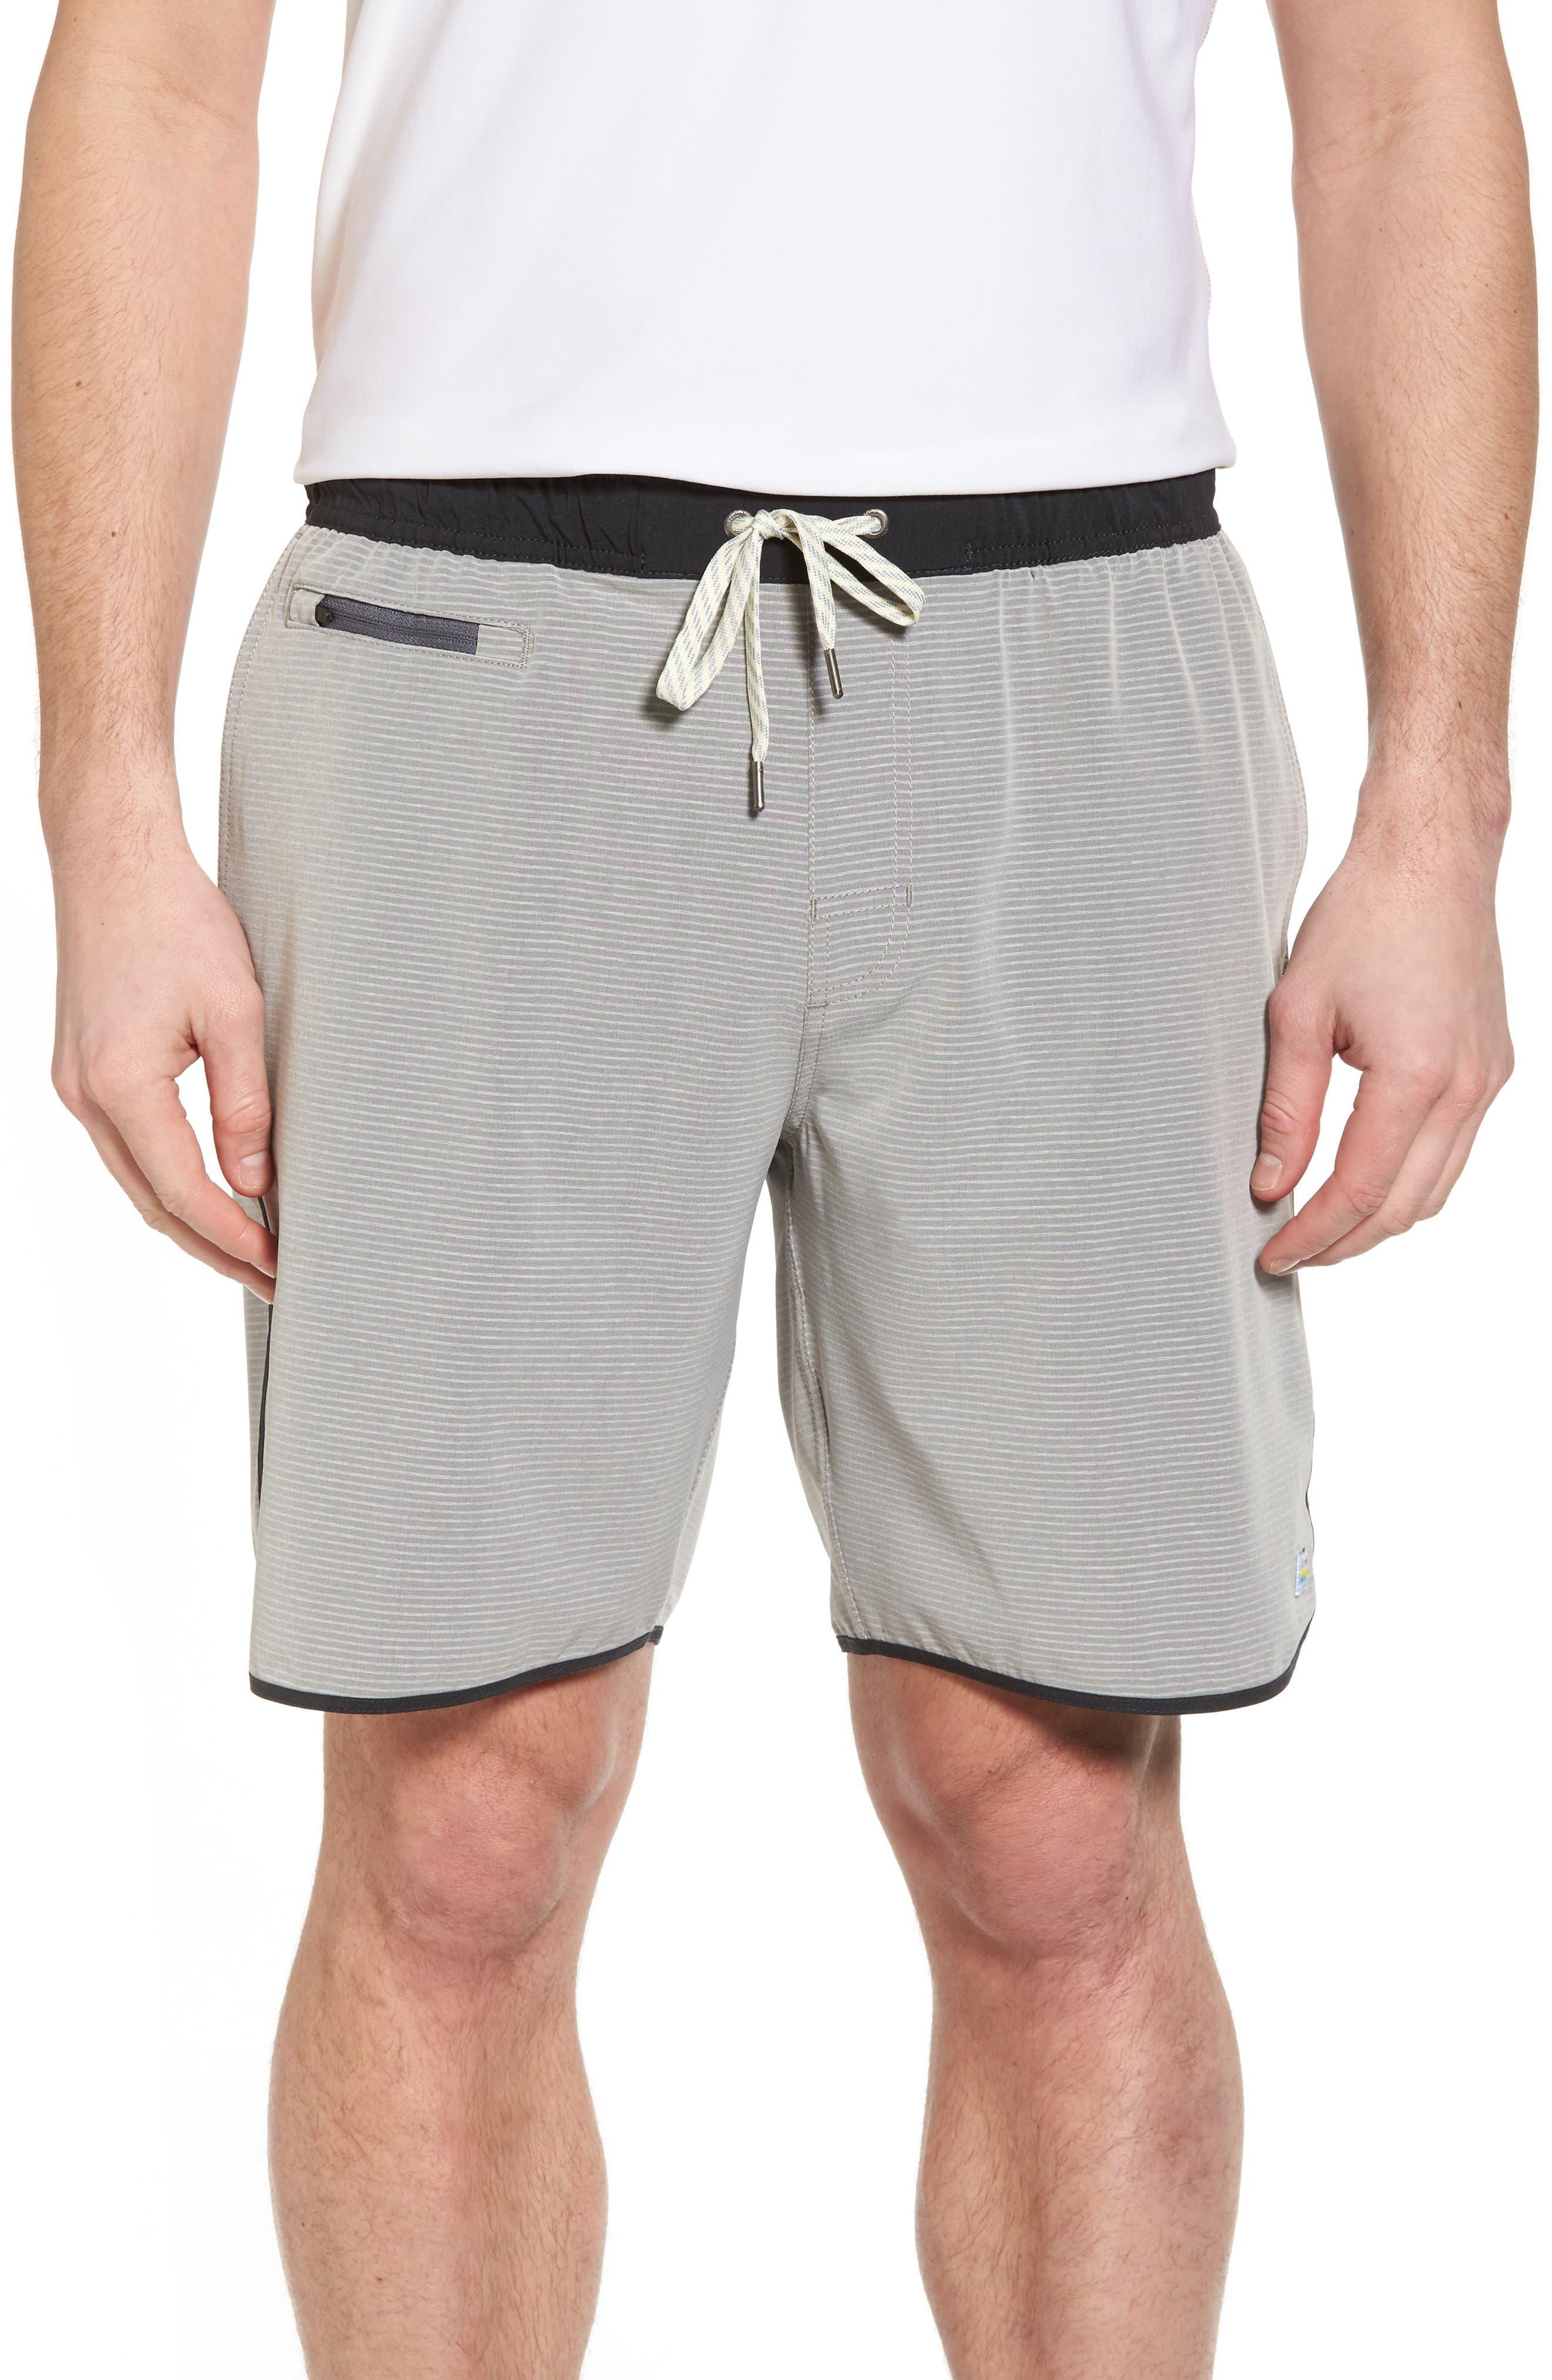 Banks Athletic Shorts,                             Main thumbnail 1, color,                             050